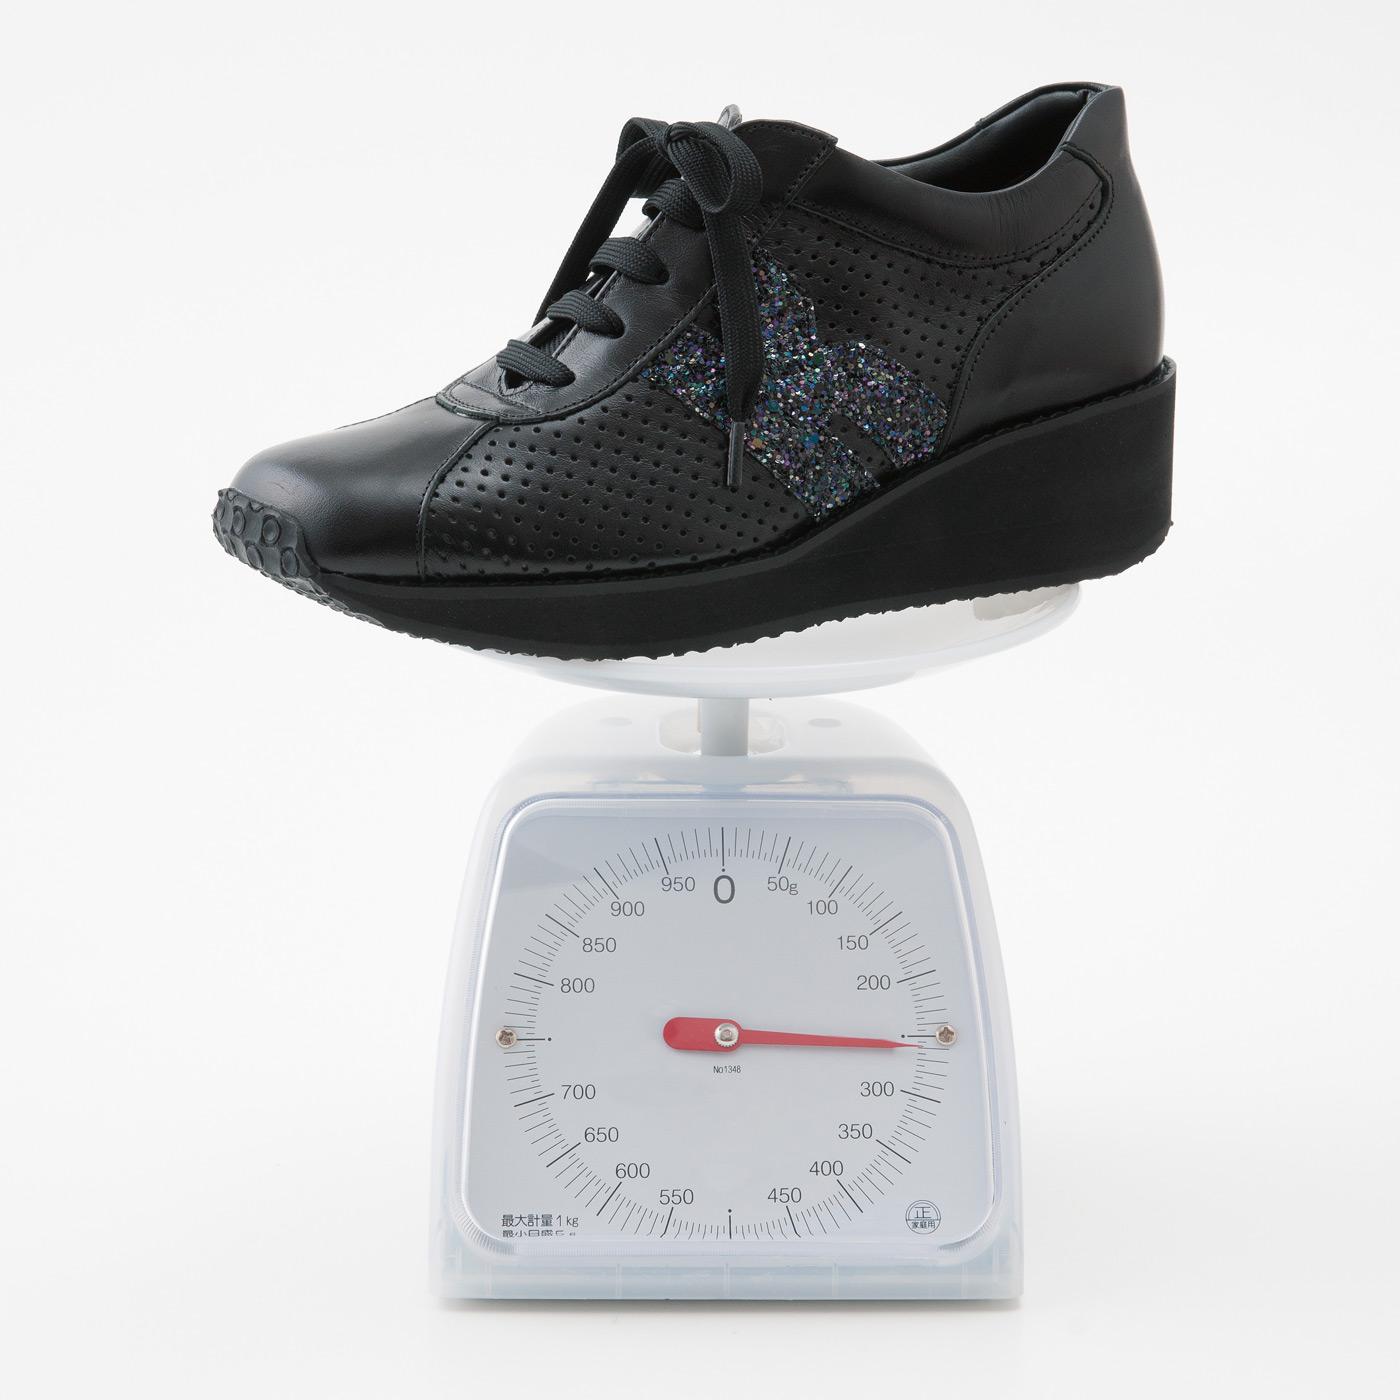 ブーティー感覚でも履ける5cmウェッジソール&オールレザー仕上げなのに一足(両足)約520g。安定感のある履き心地です。デイリーにも、たくさん歩く日のショッピングや旅行にも。